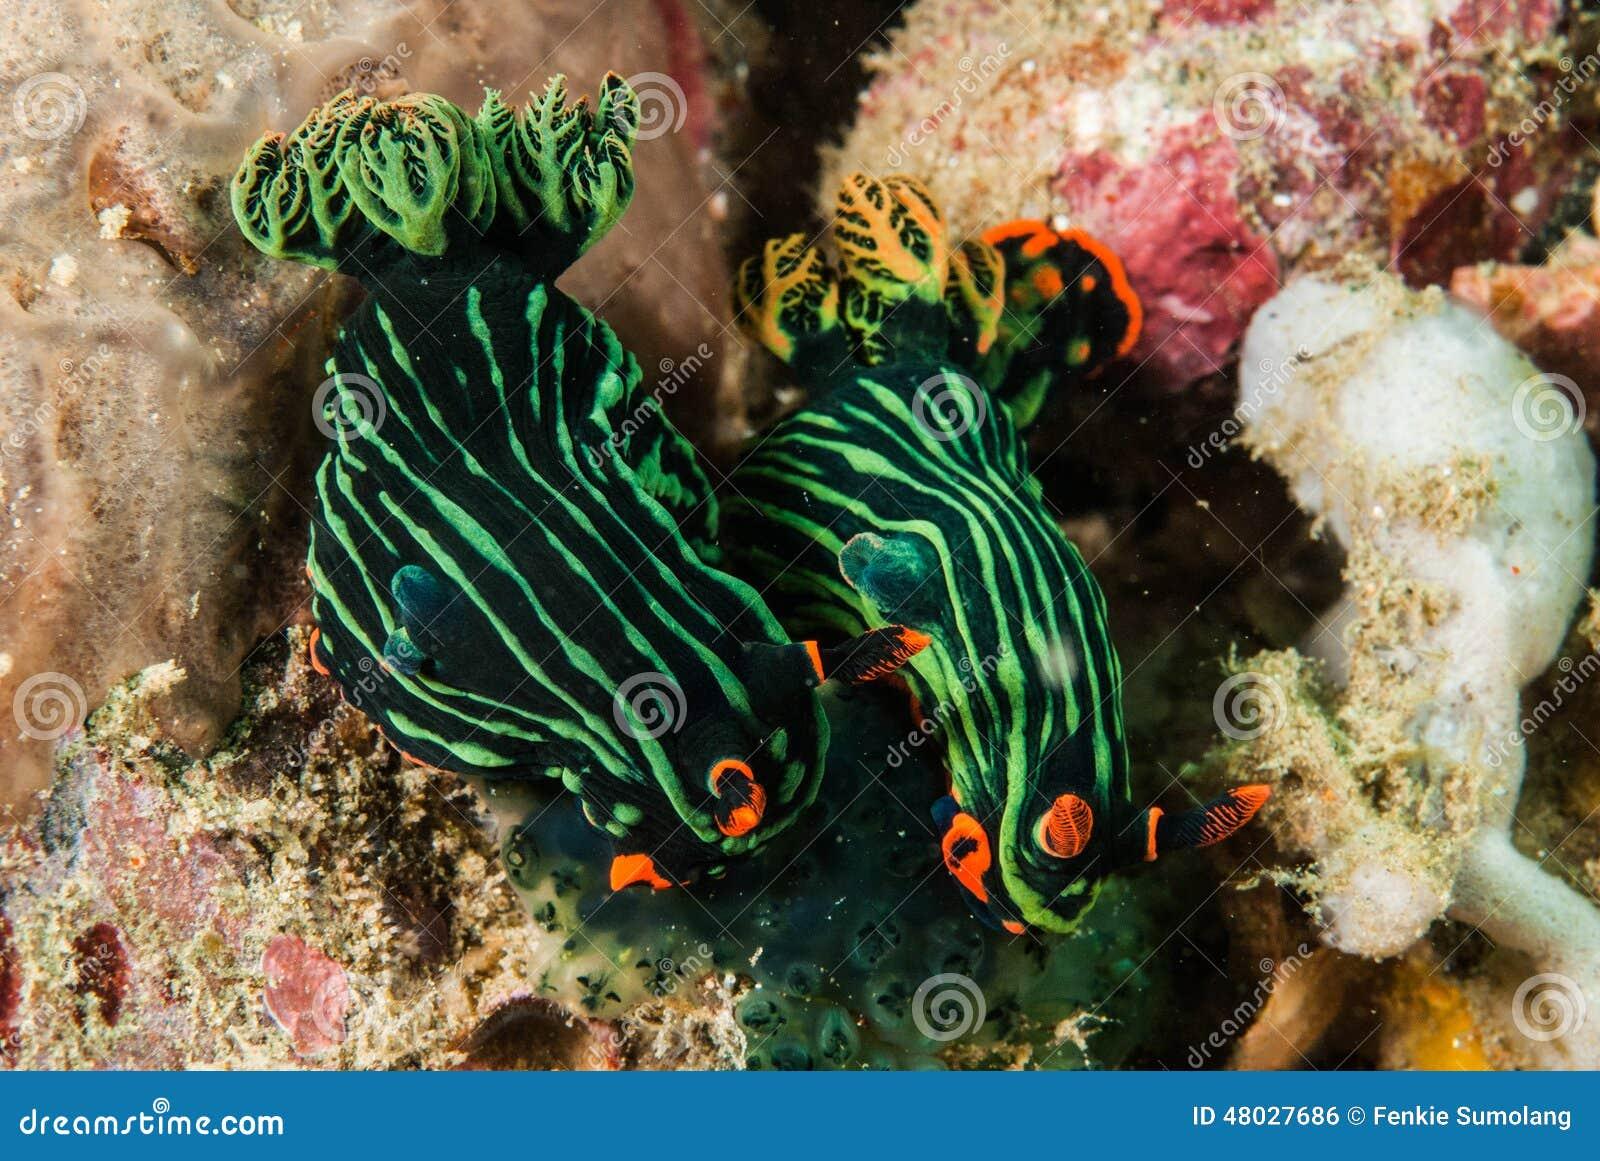 Due di nudibranch a Ambon, Maluku, foto subacquea dell Indonesia